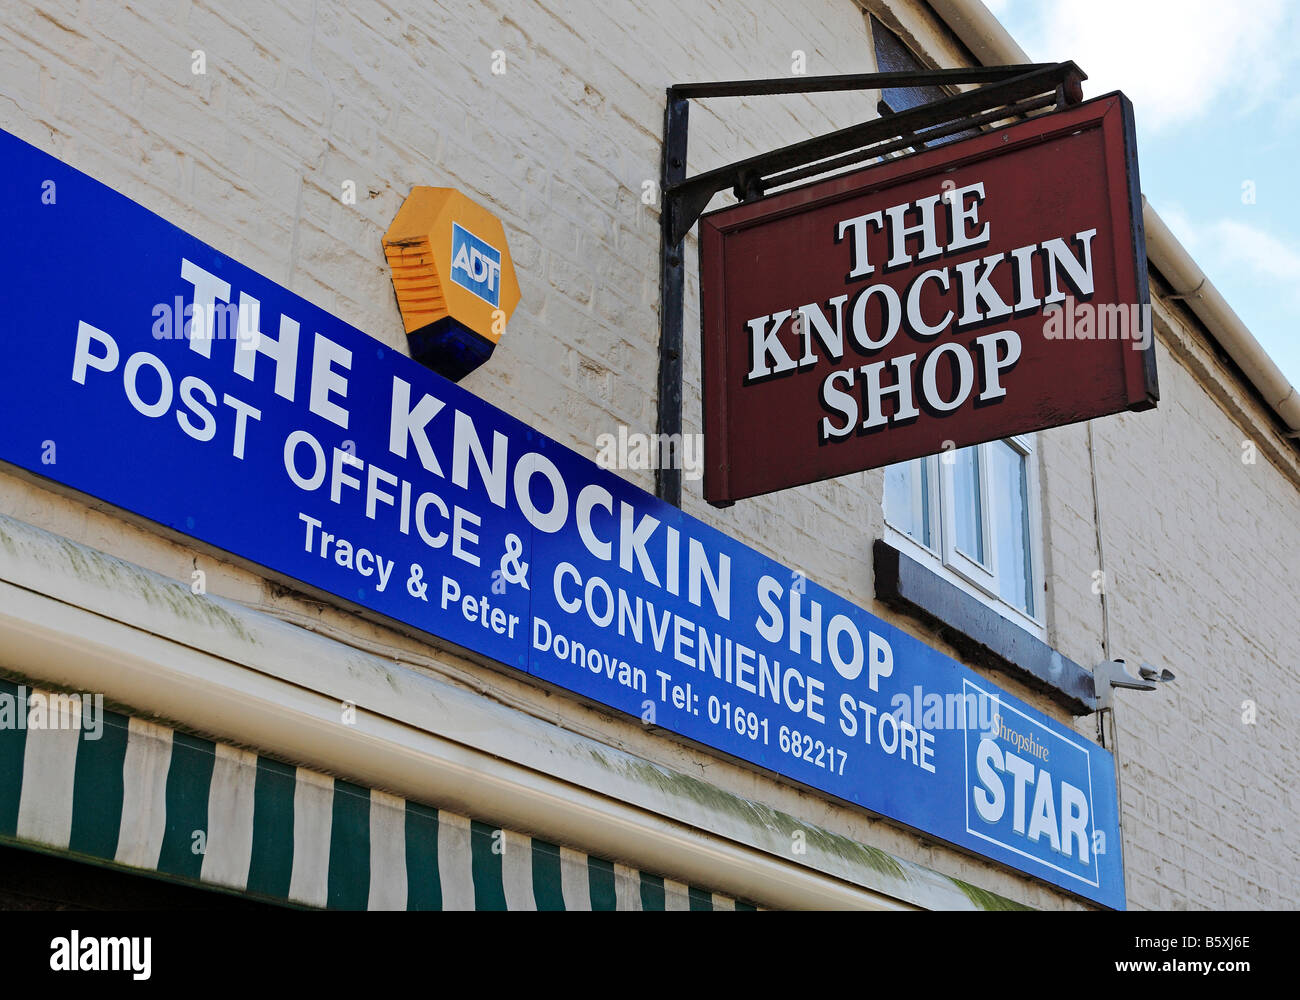 1299 Village Shop Knockin Shropshire UK Stock Photo